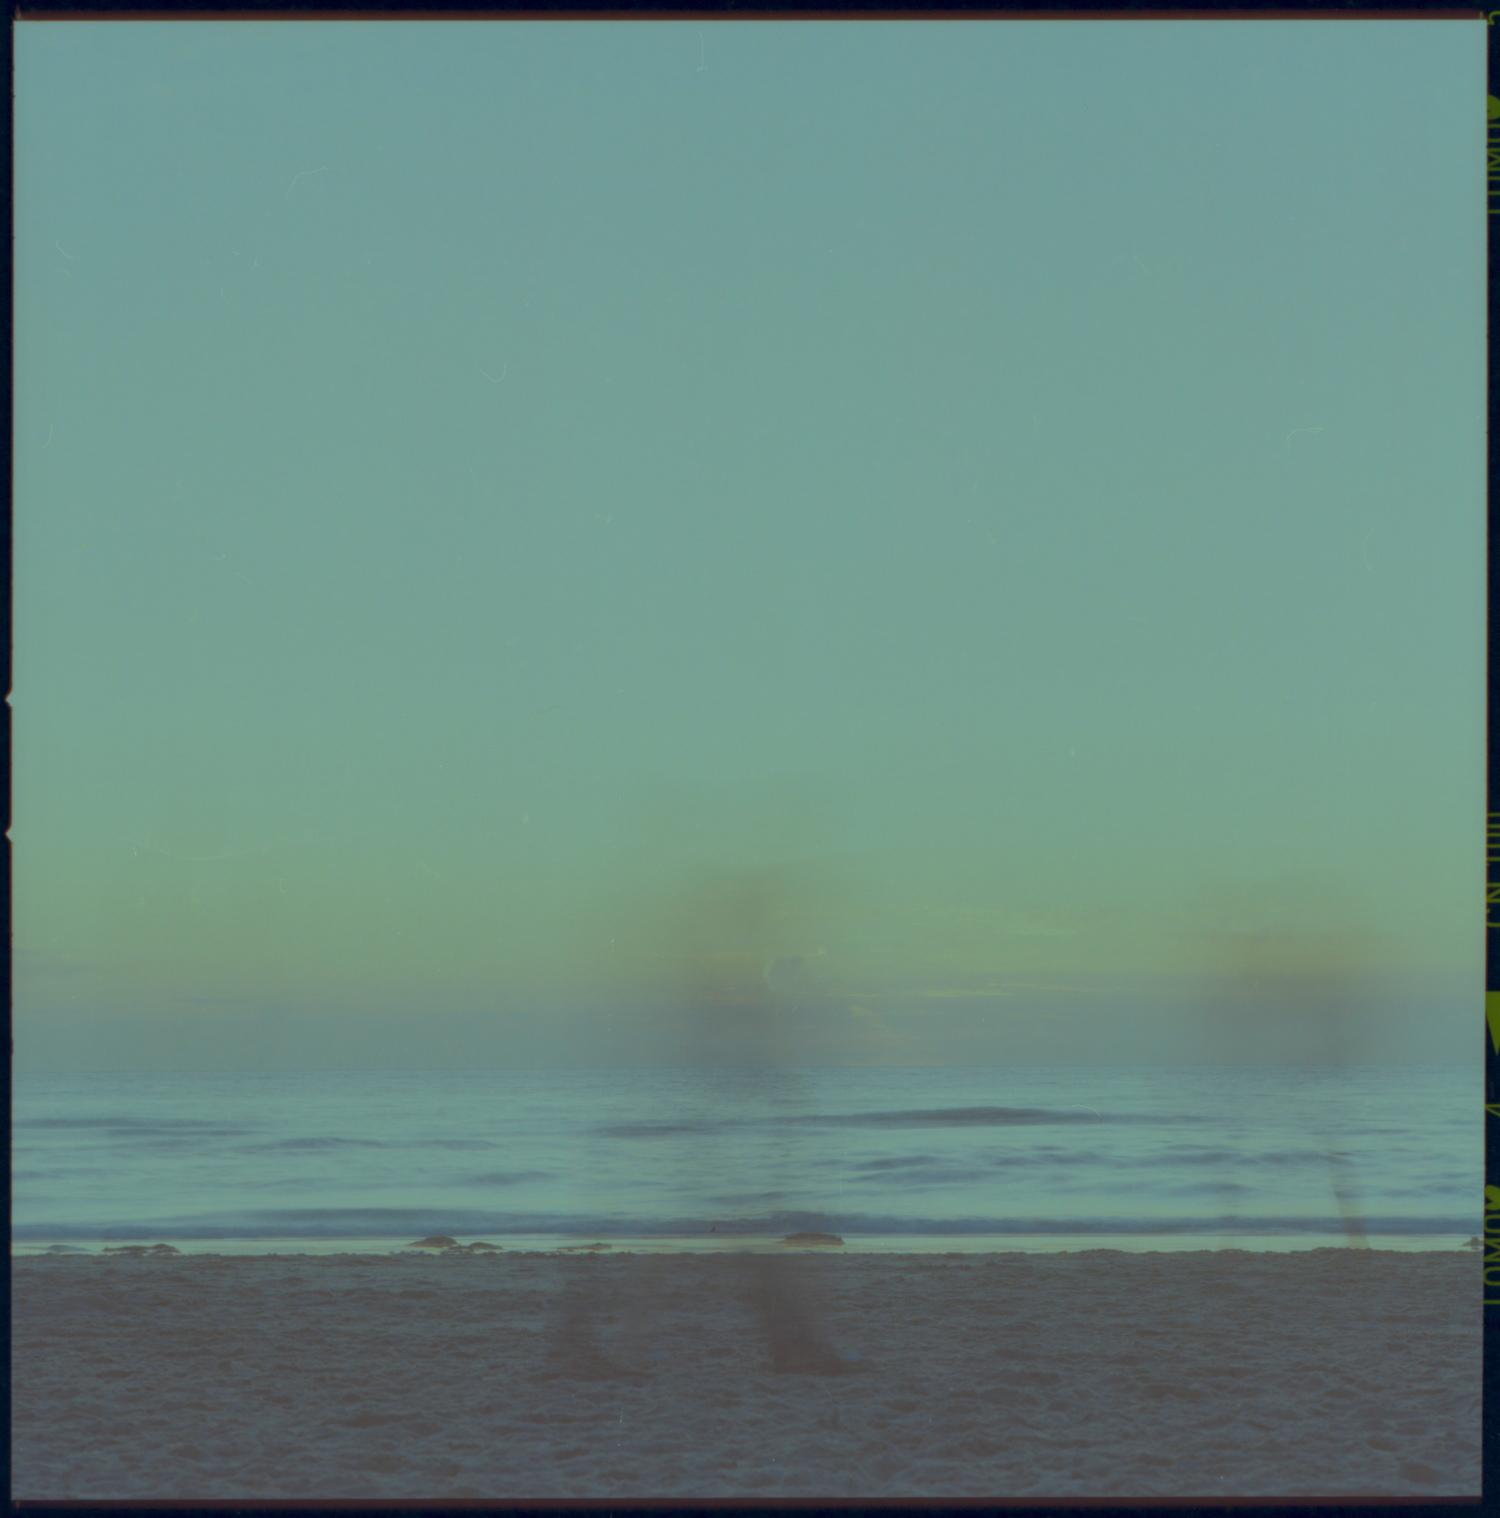 Zandvoort aan Zee Beach